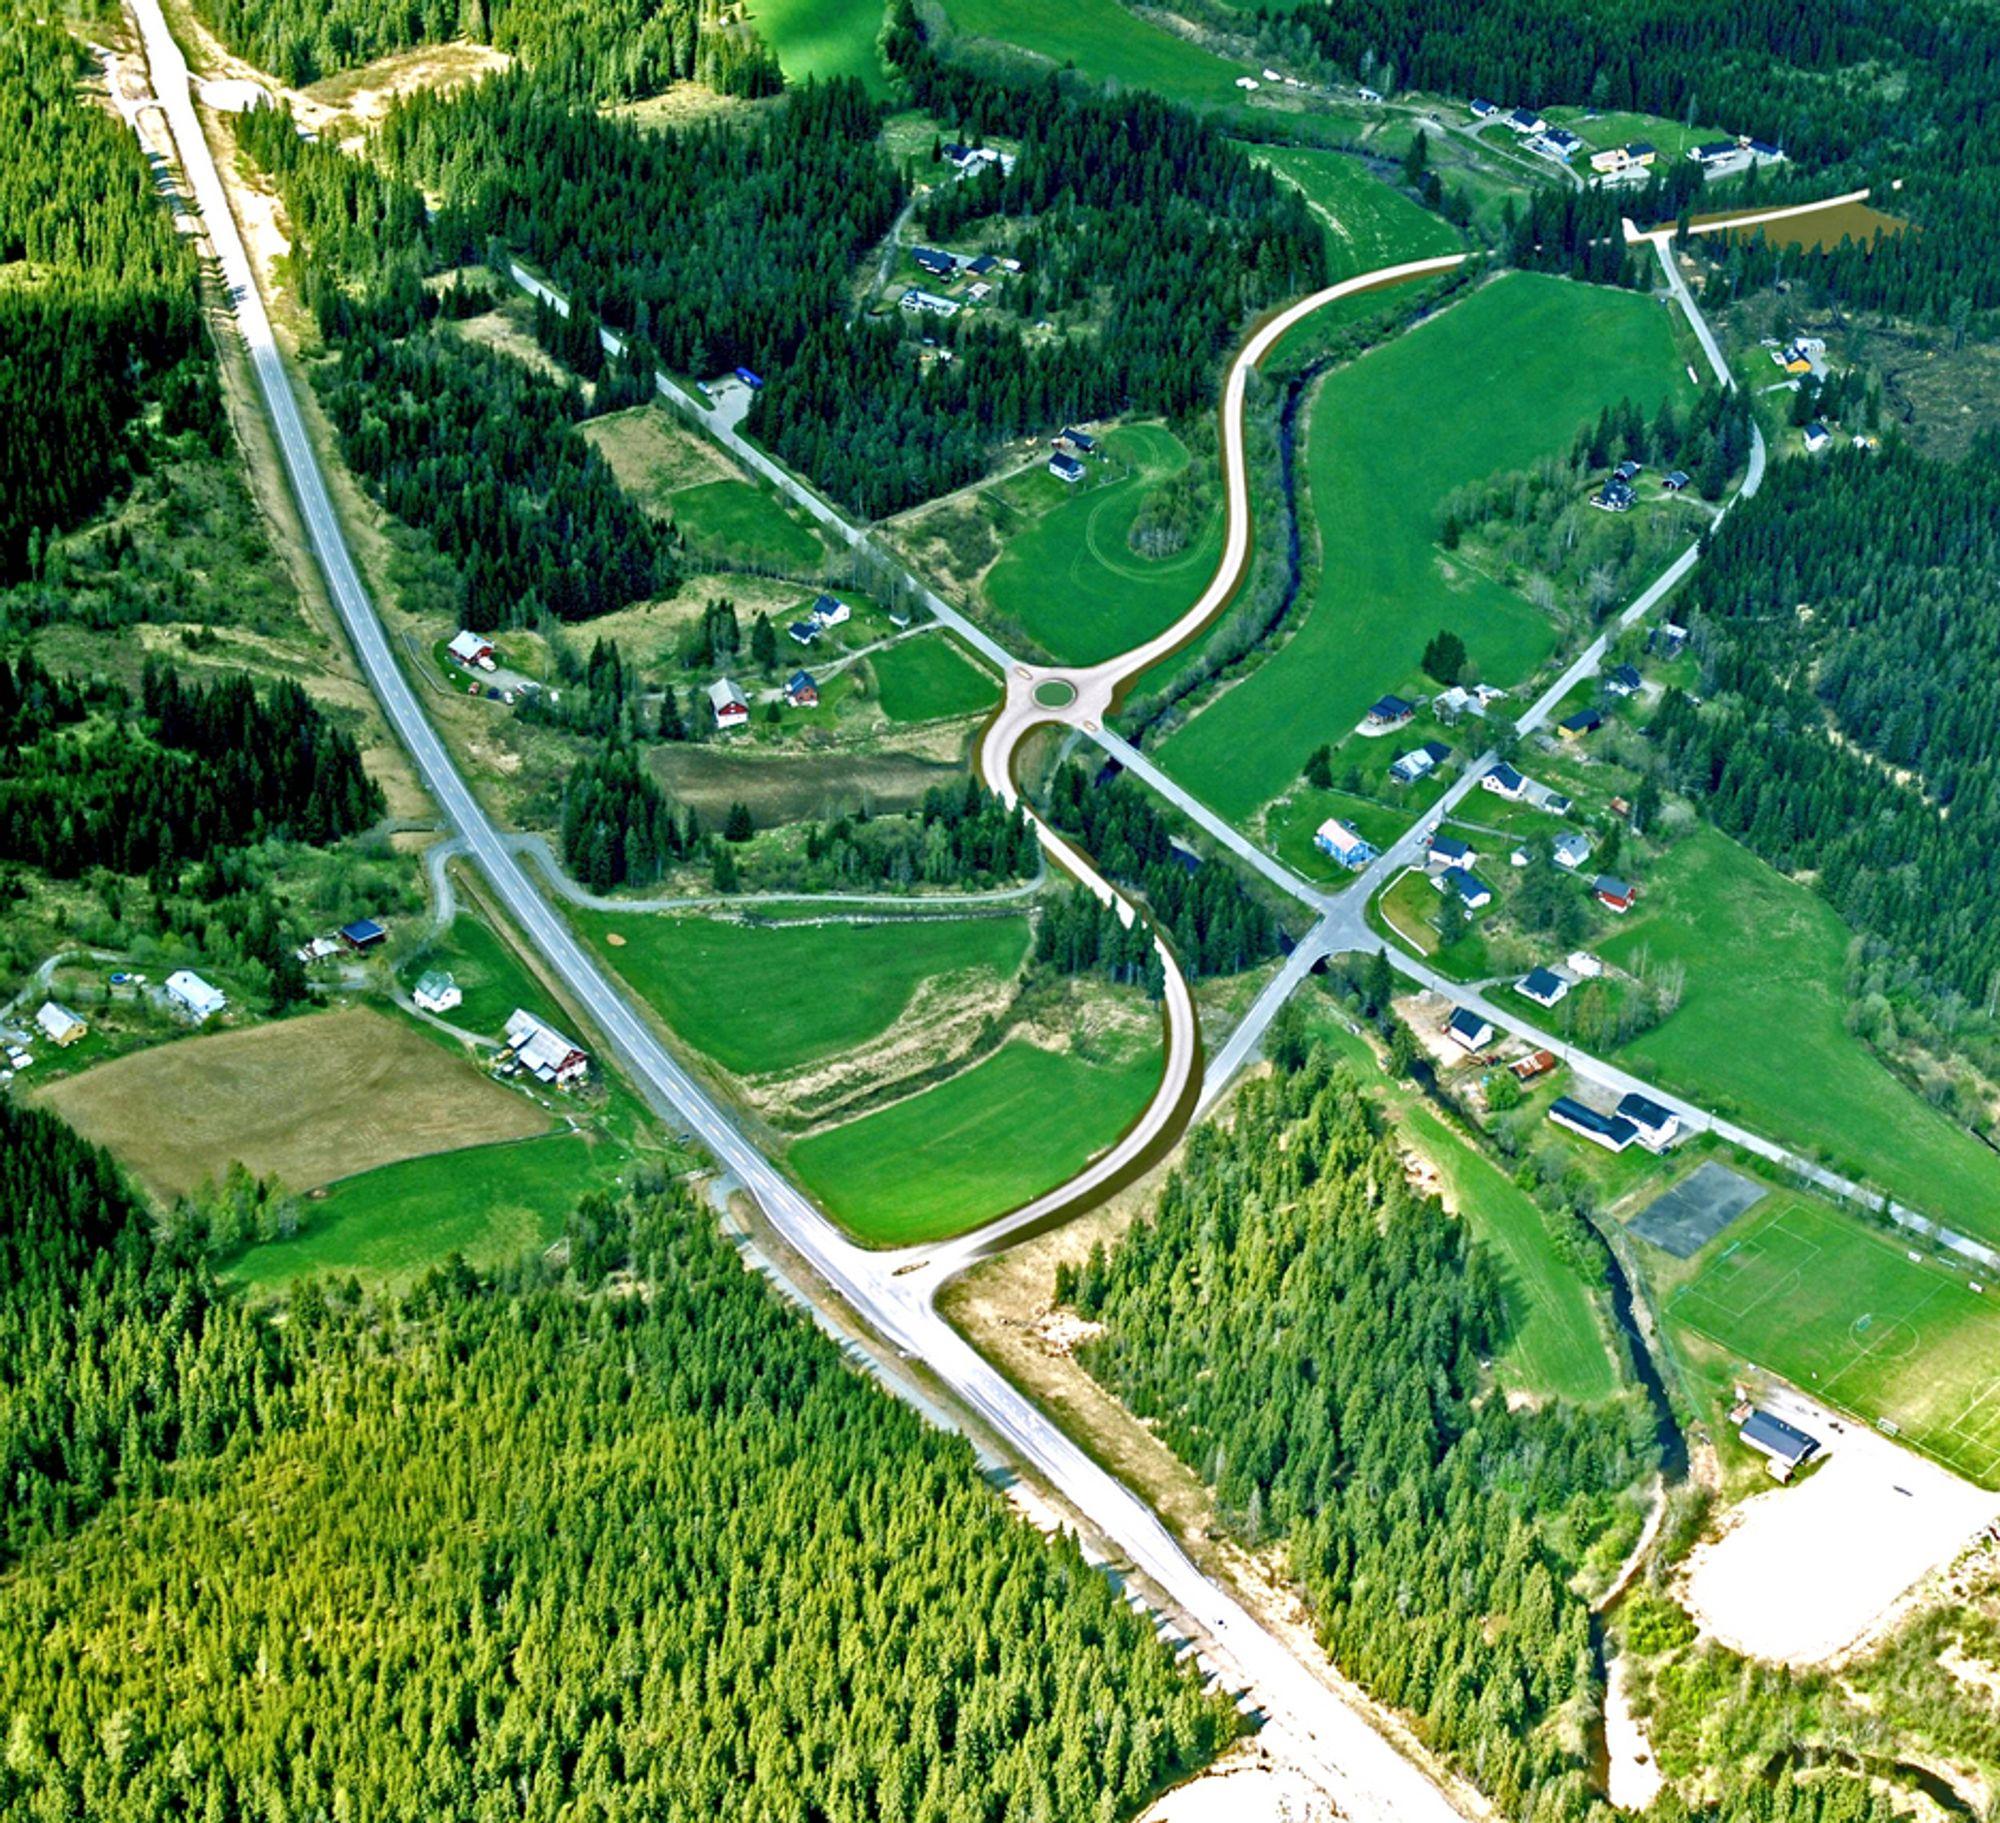 Fylkesveg 33 går lengst til venstre av vegene på bildet. Ny og gammel fylkesveg 155 møter fylkesveg 33 i samme kryss, men den nye tar av til venstre like etter krysset. Den nye vegen er tegnet inn med en lysere farve enn dagens veger.